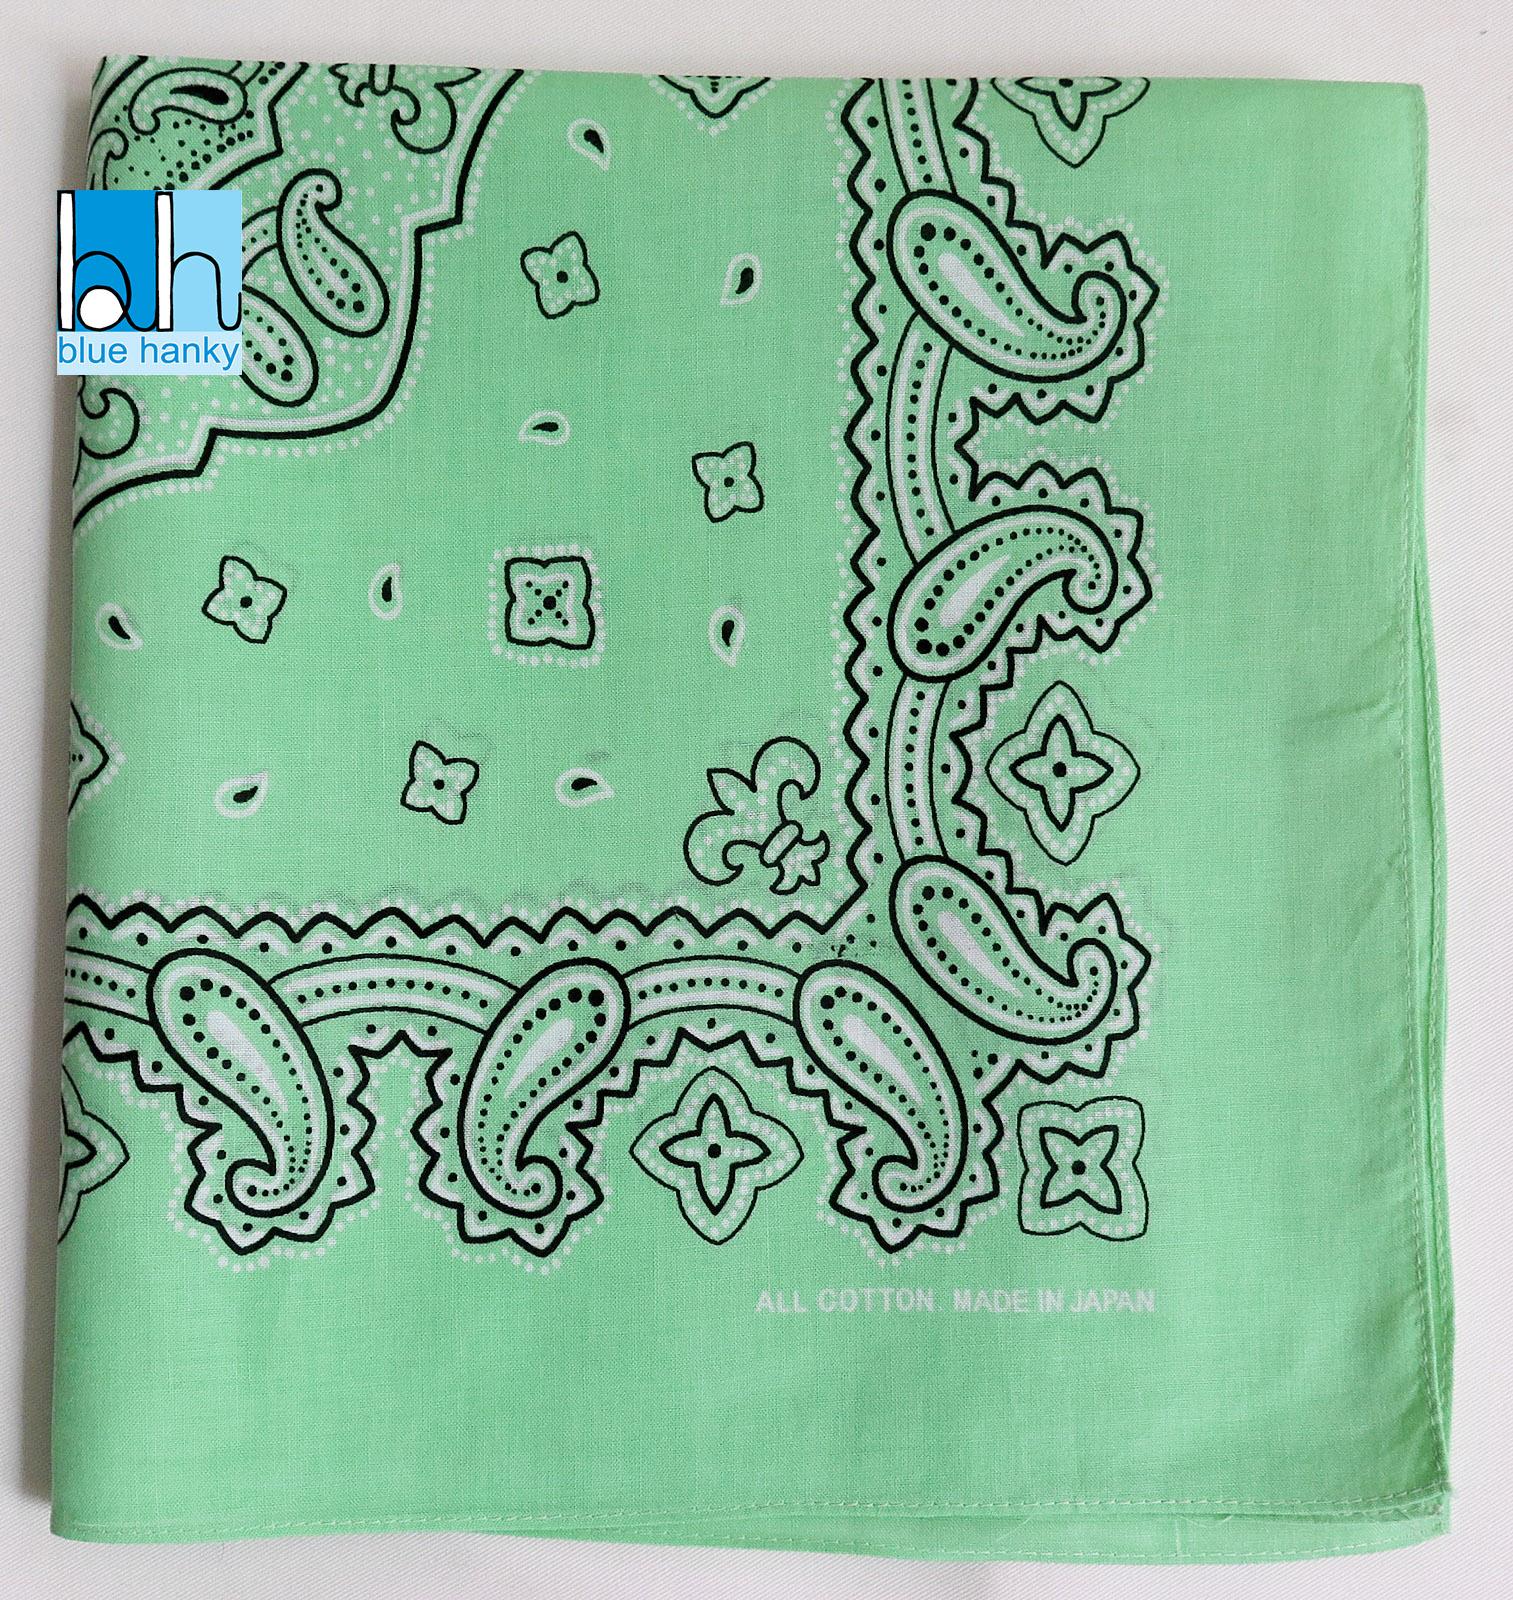 """#255 21"""" Paisley ญี่ปุ่น ผ้าเช็ดหน้ามือ2 สภาพดี ผ้าเช็ดหน้าผืนใหญ่"""